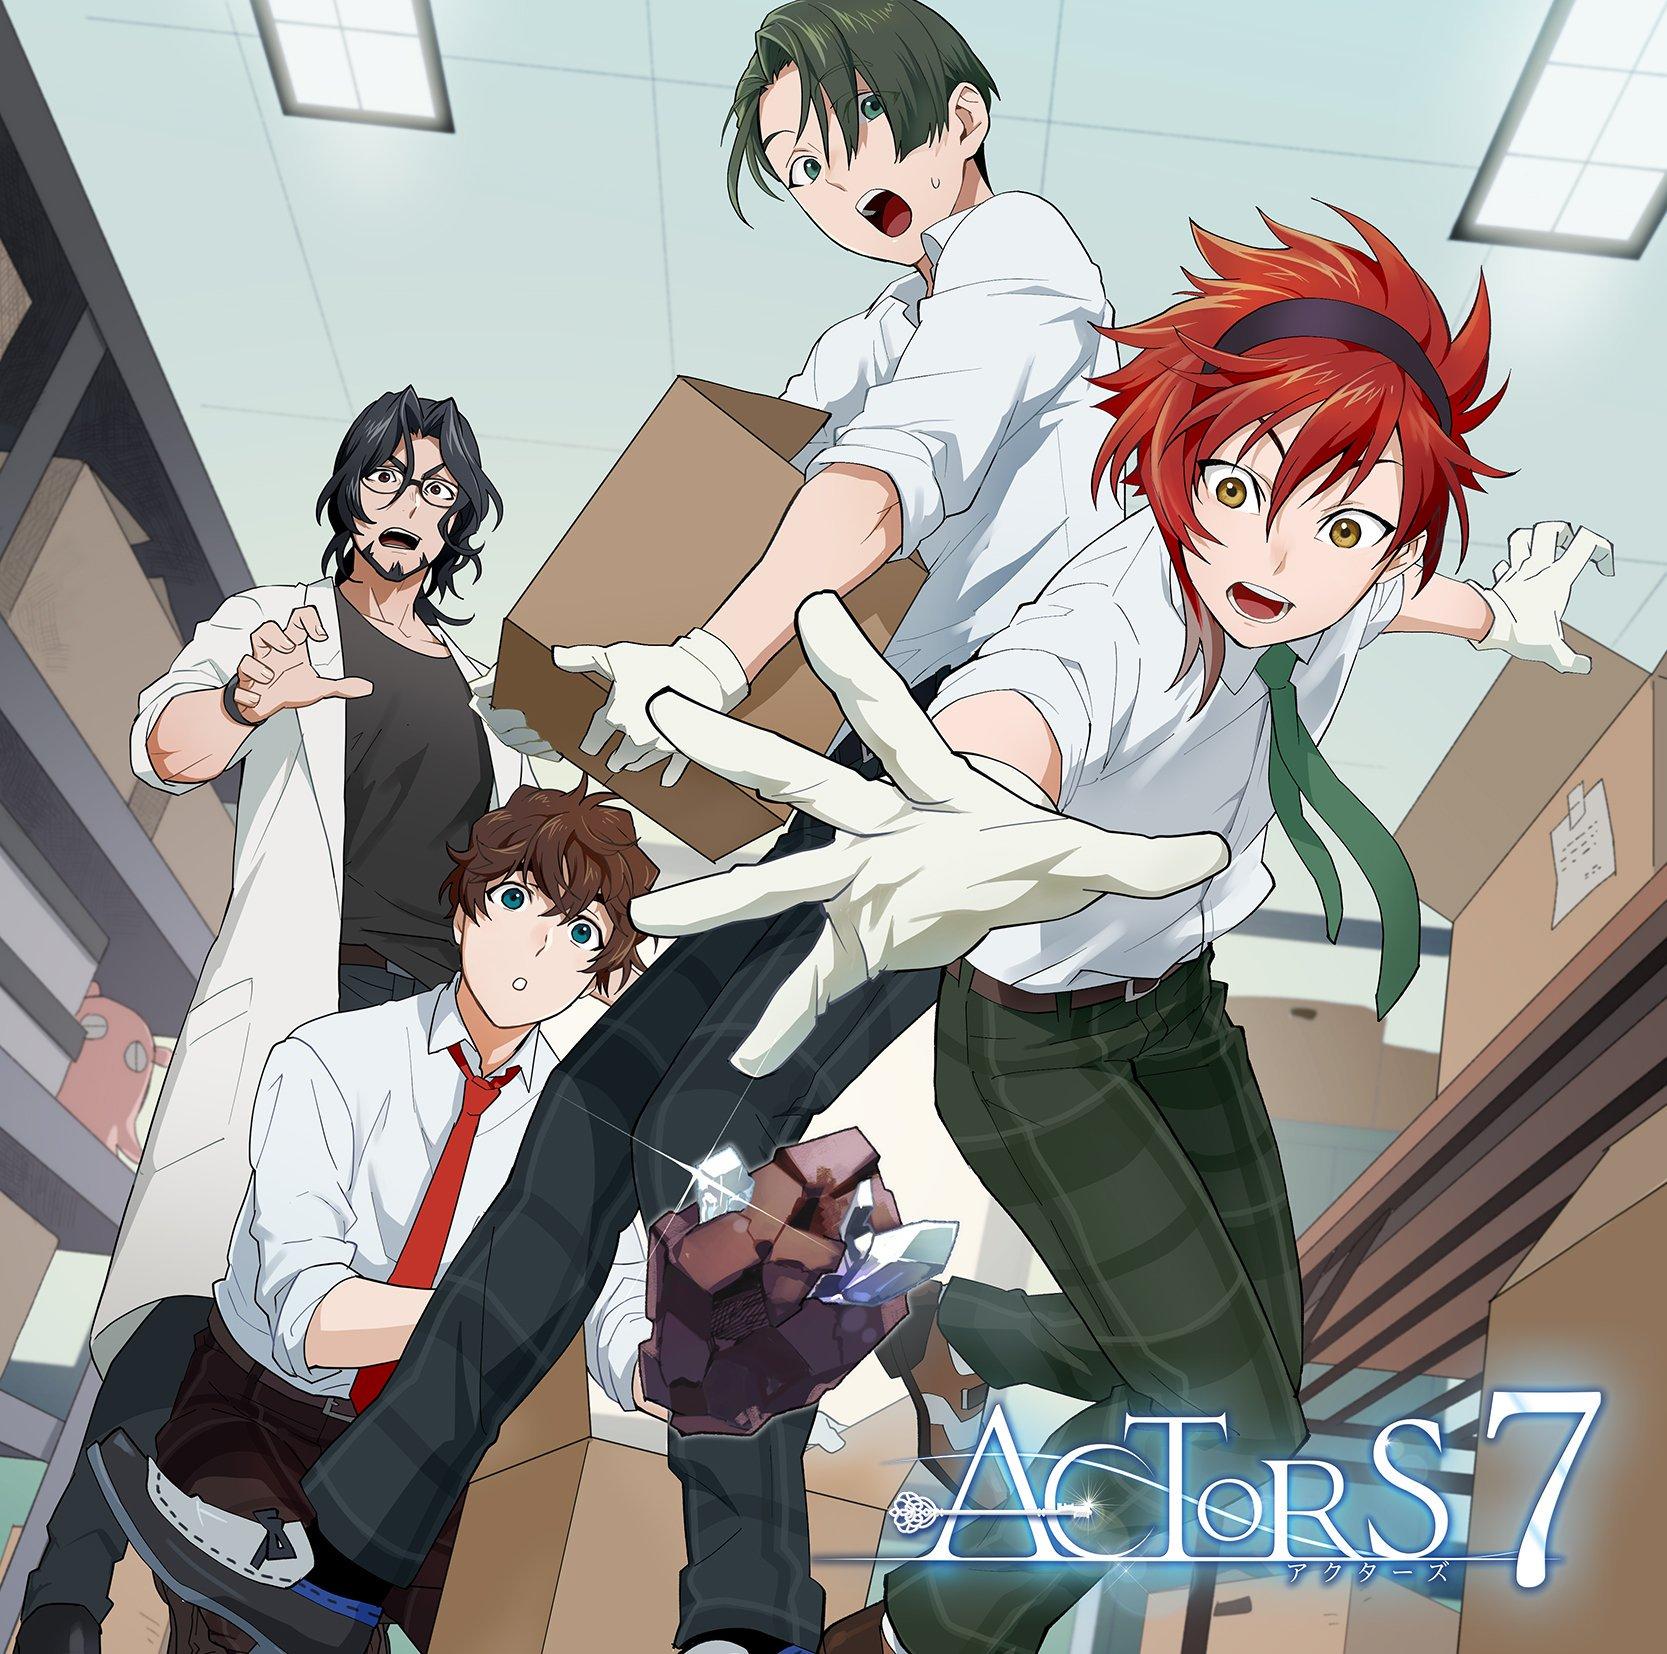 Actors 7 image.jpg